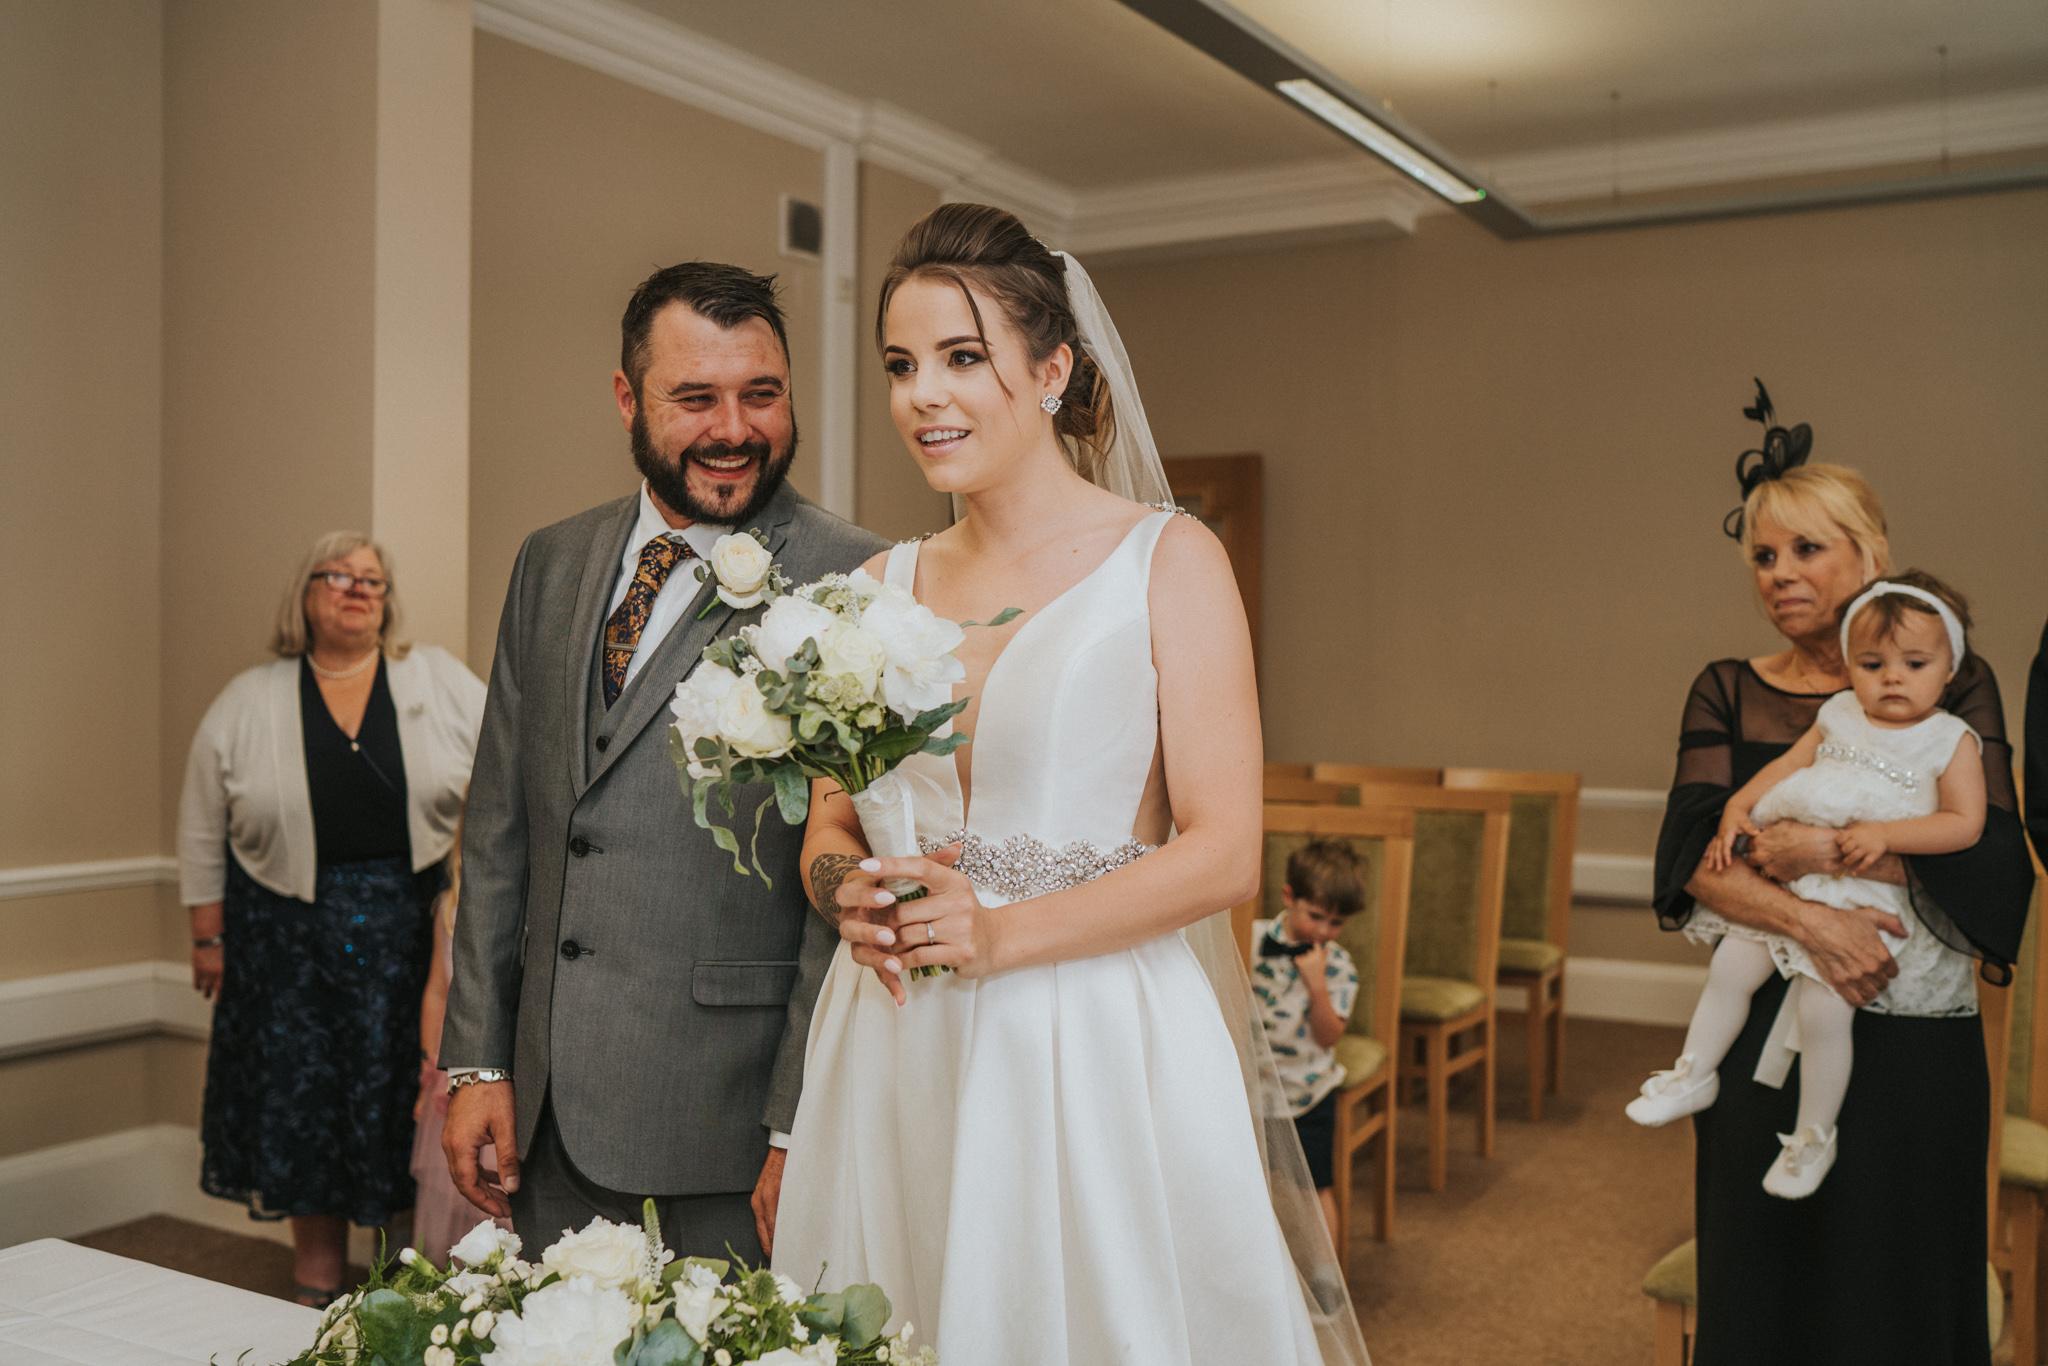 tess-adam-colchester-intimate-elopement-grace-elizabeth-colchester-essex-alternative-wedding-lifestyle-photographer-essex-suffolk-norfolk-devon (10 of 20).jpg